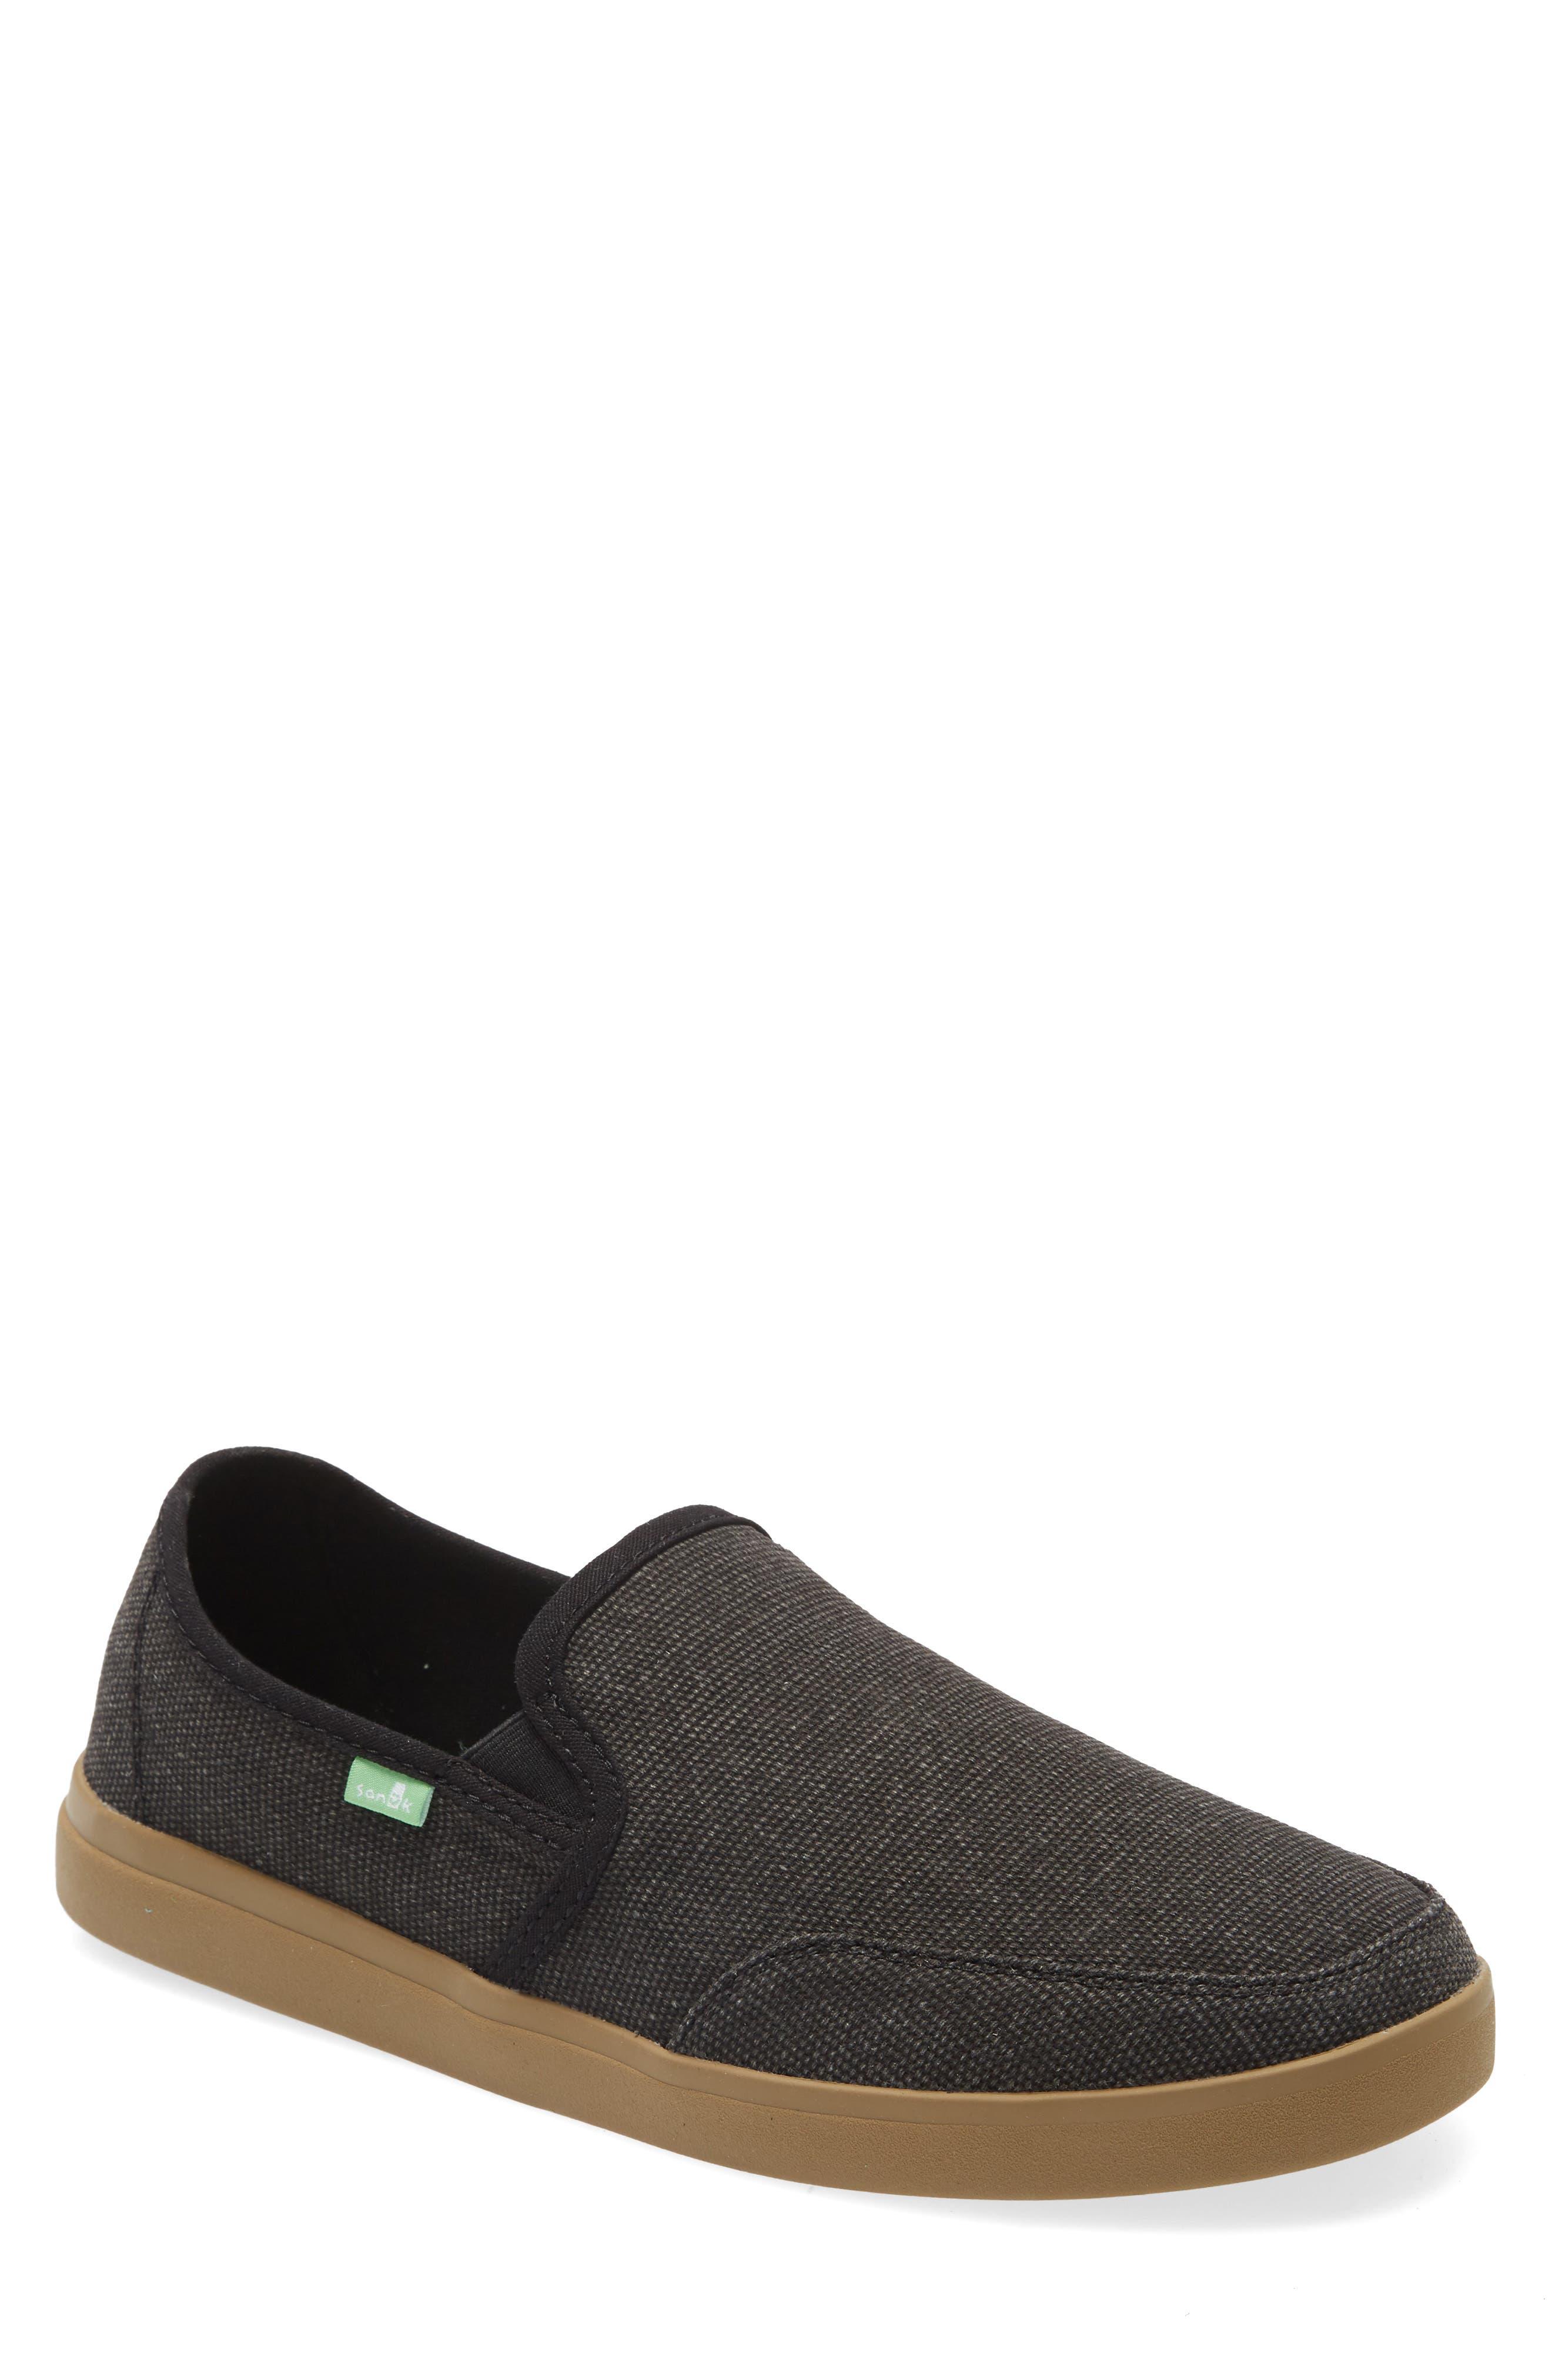 Sanuk Vagabond Slip-On Sneaker (Men